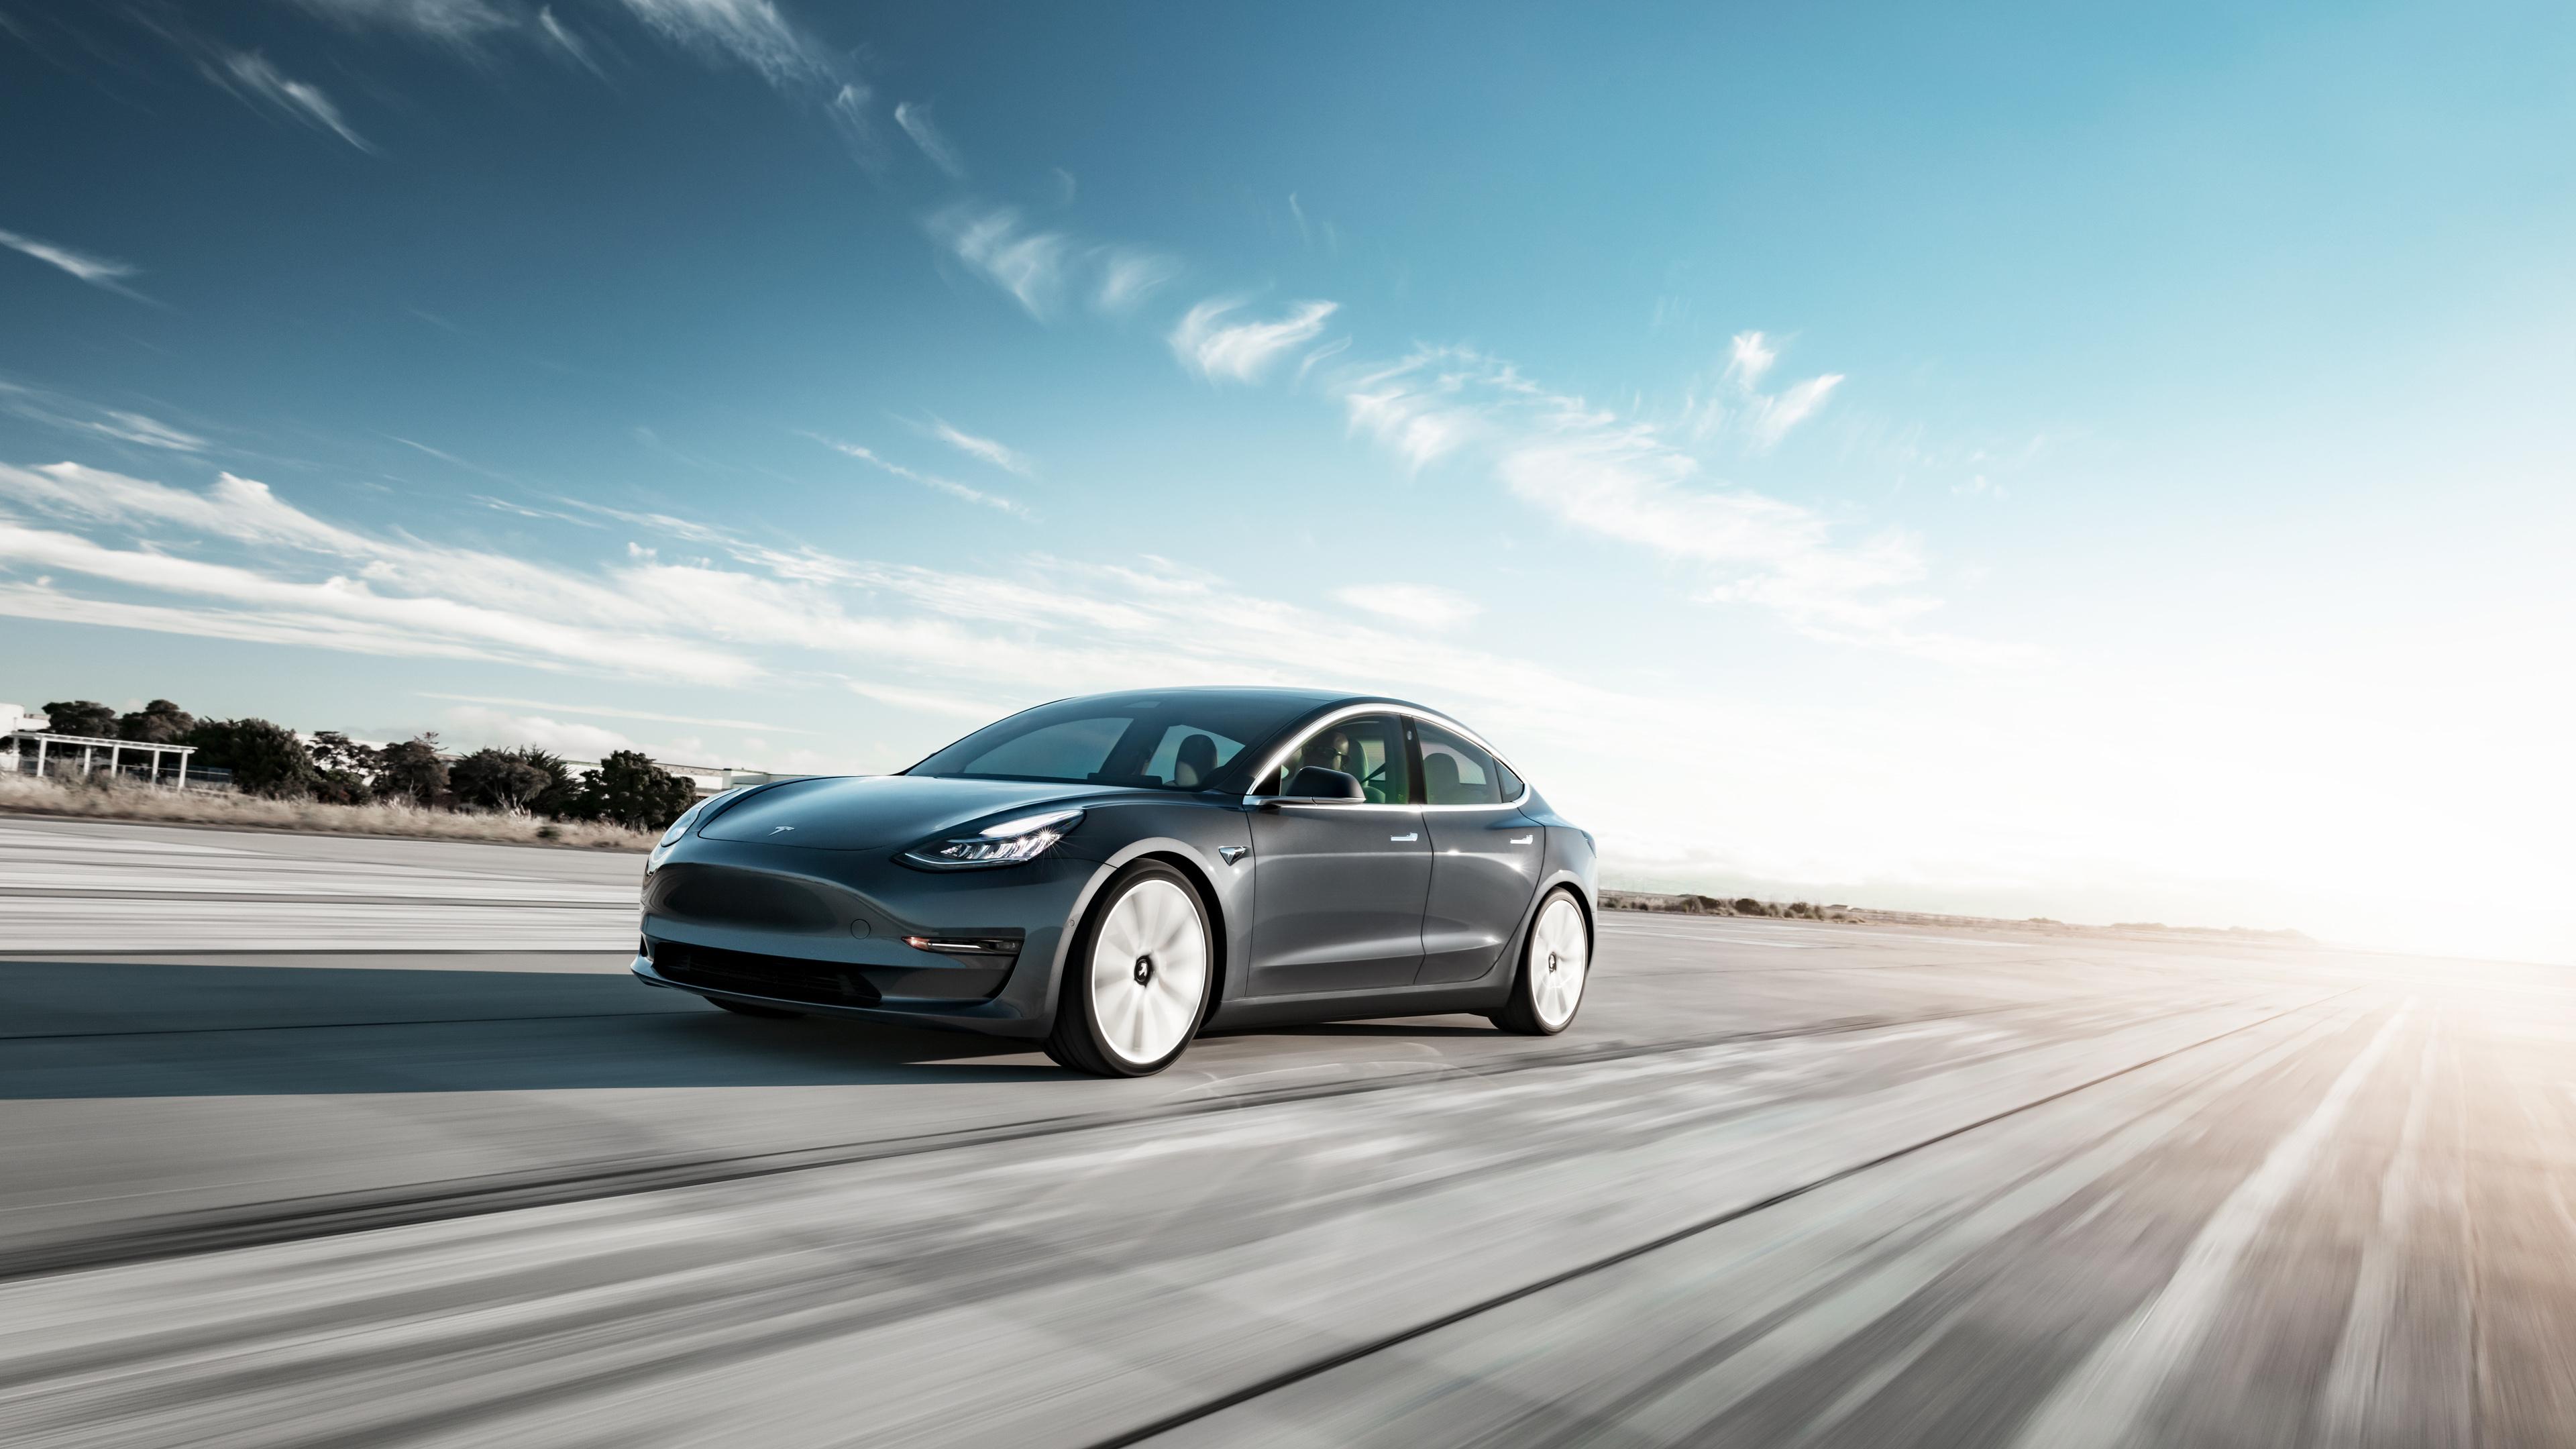 2018 Bentley Gt Price >> 2018 Tesla Model 3 4K Wallpaper | HD Car Wallpapers | ID #11243